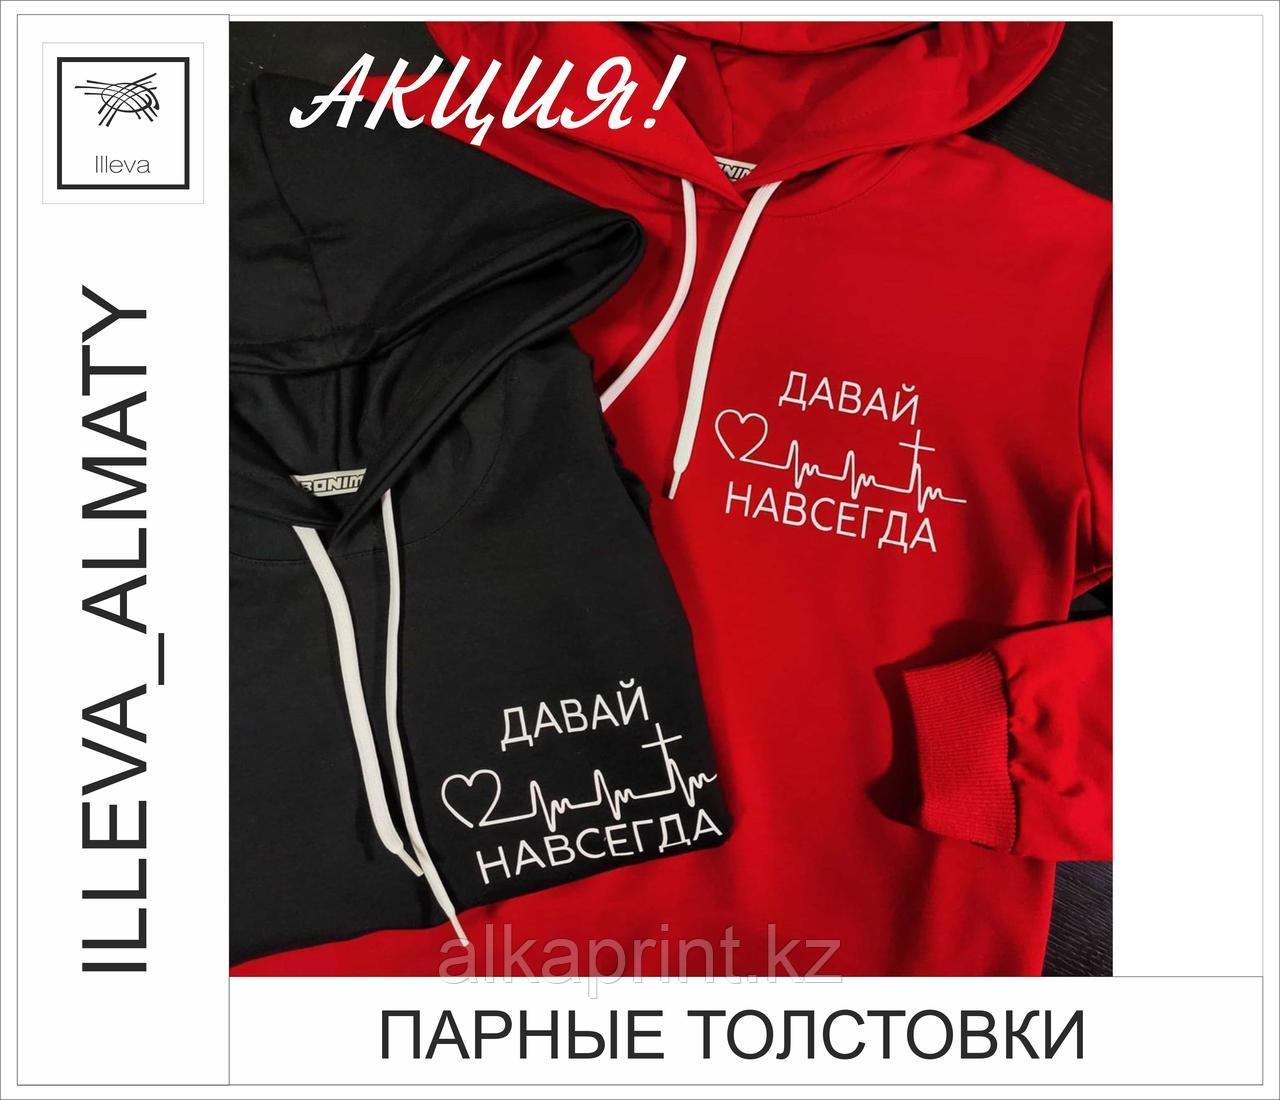 Нанесение логотипа на футболки в Алматы - фото 4